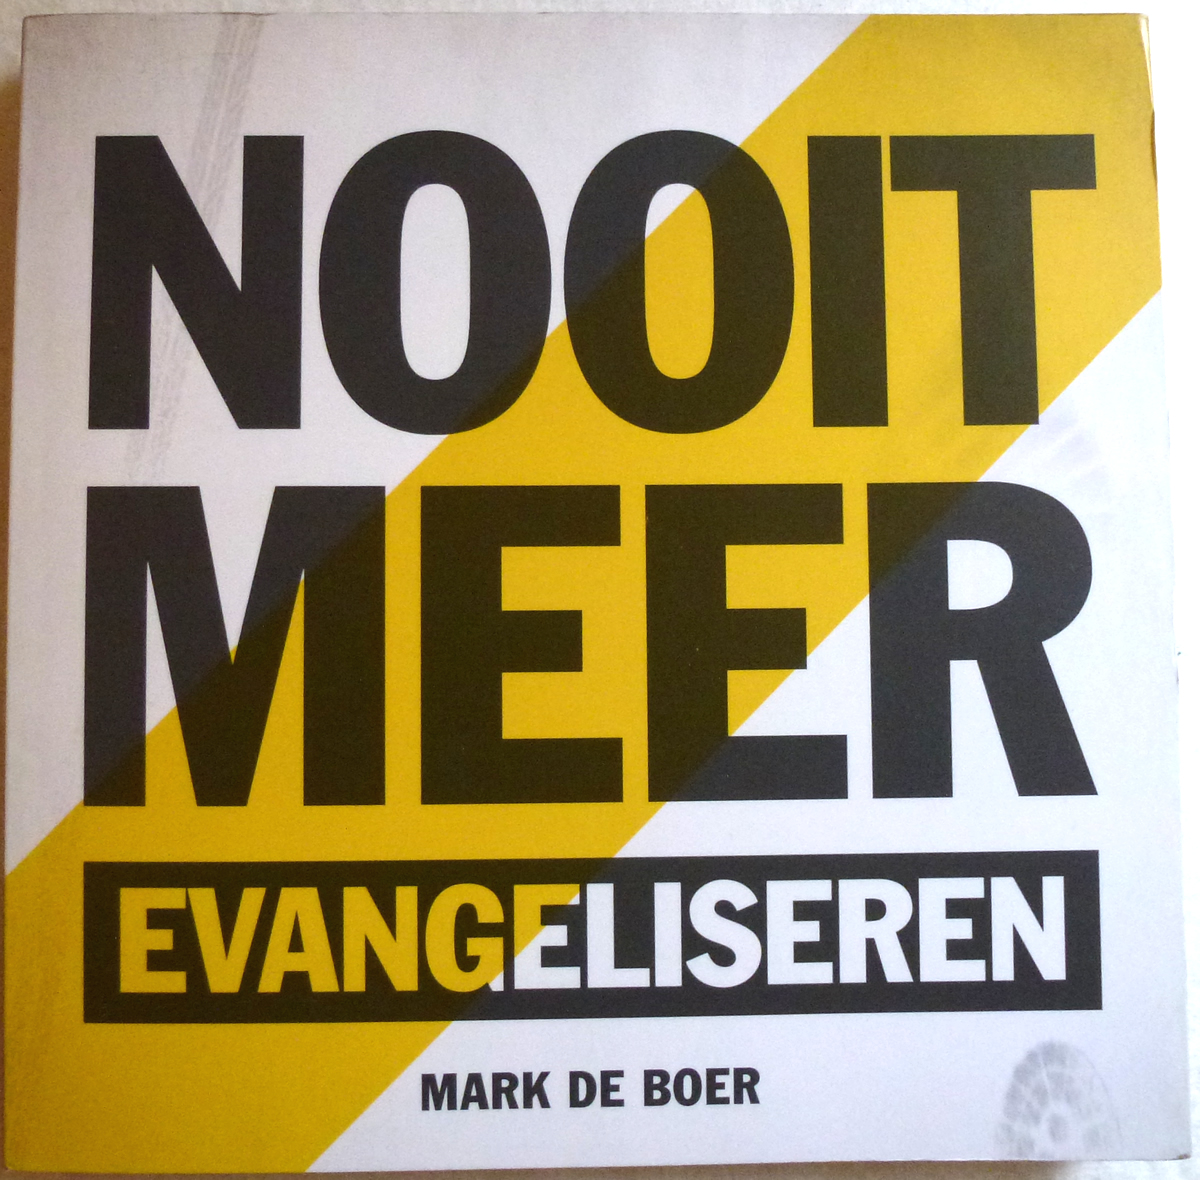 Nooit meer evangeliseren - Mark de Boer voorkant